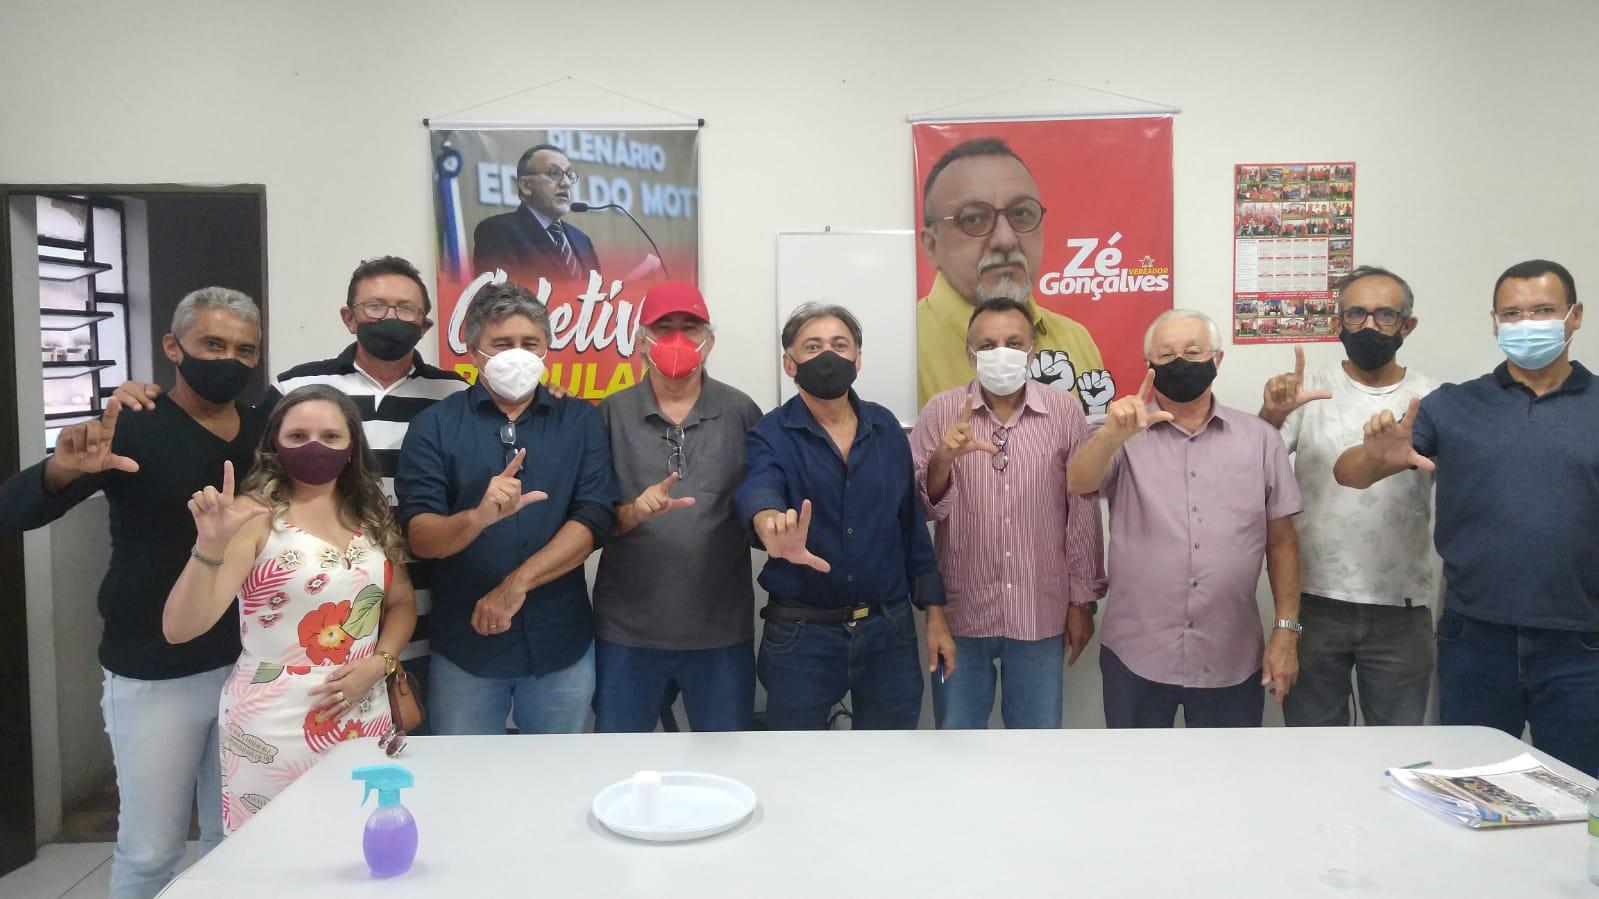 Vereador Zé Gonçalves recebe visita do Deputado Federal Frei Anastácio do PT